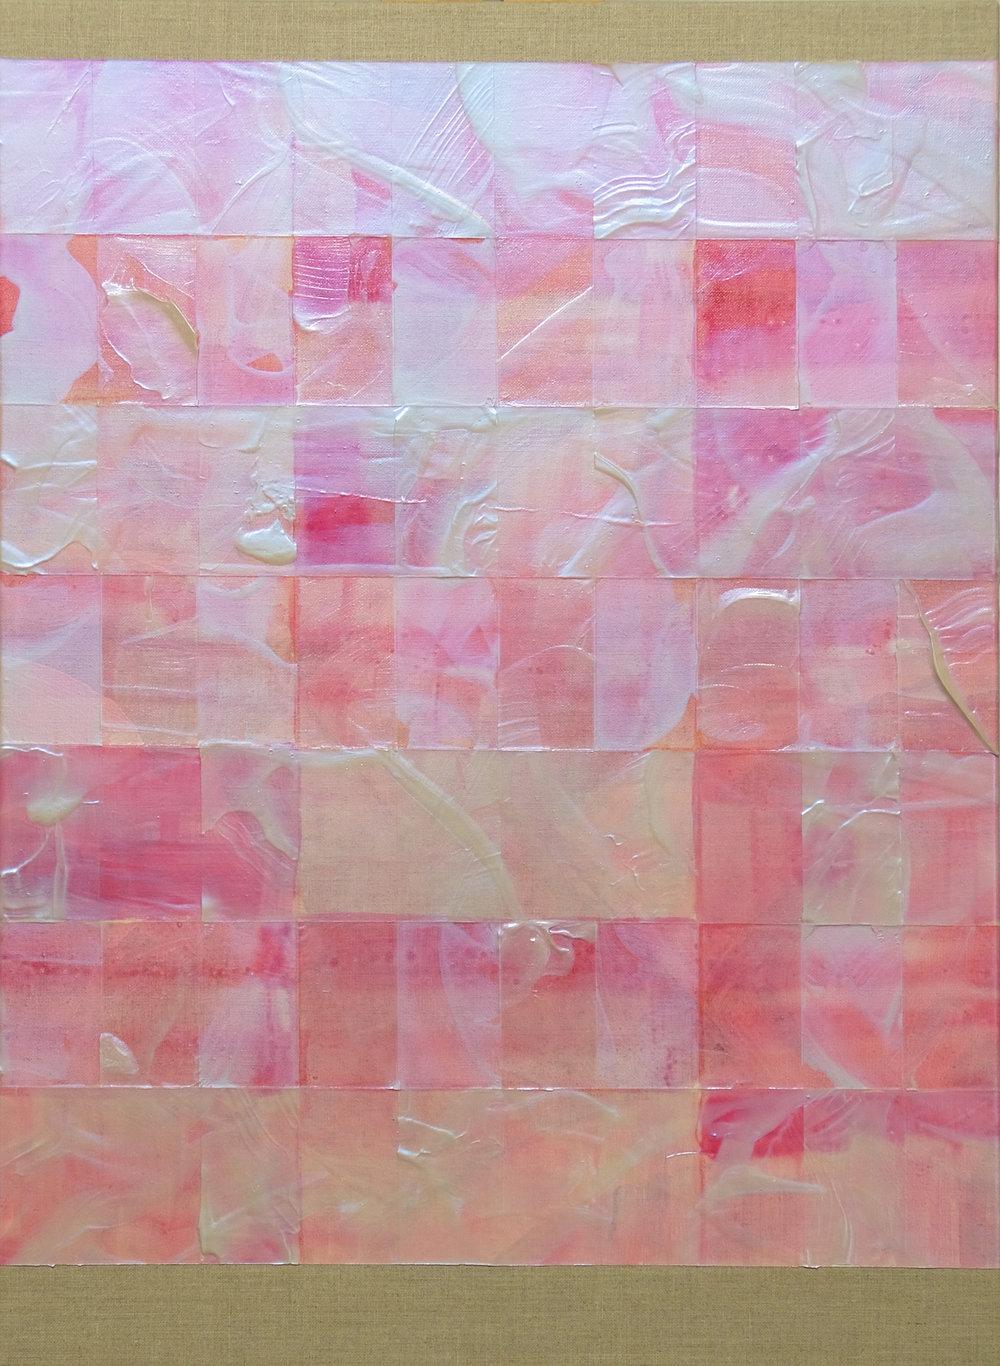 Lean into , 2015, acrylic on linen, 56x41cm